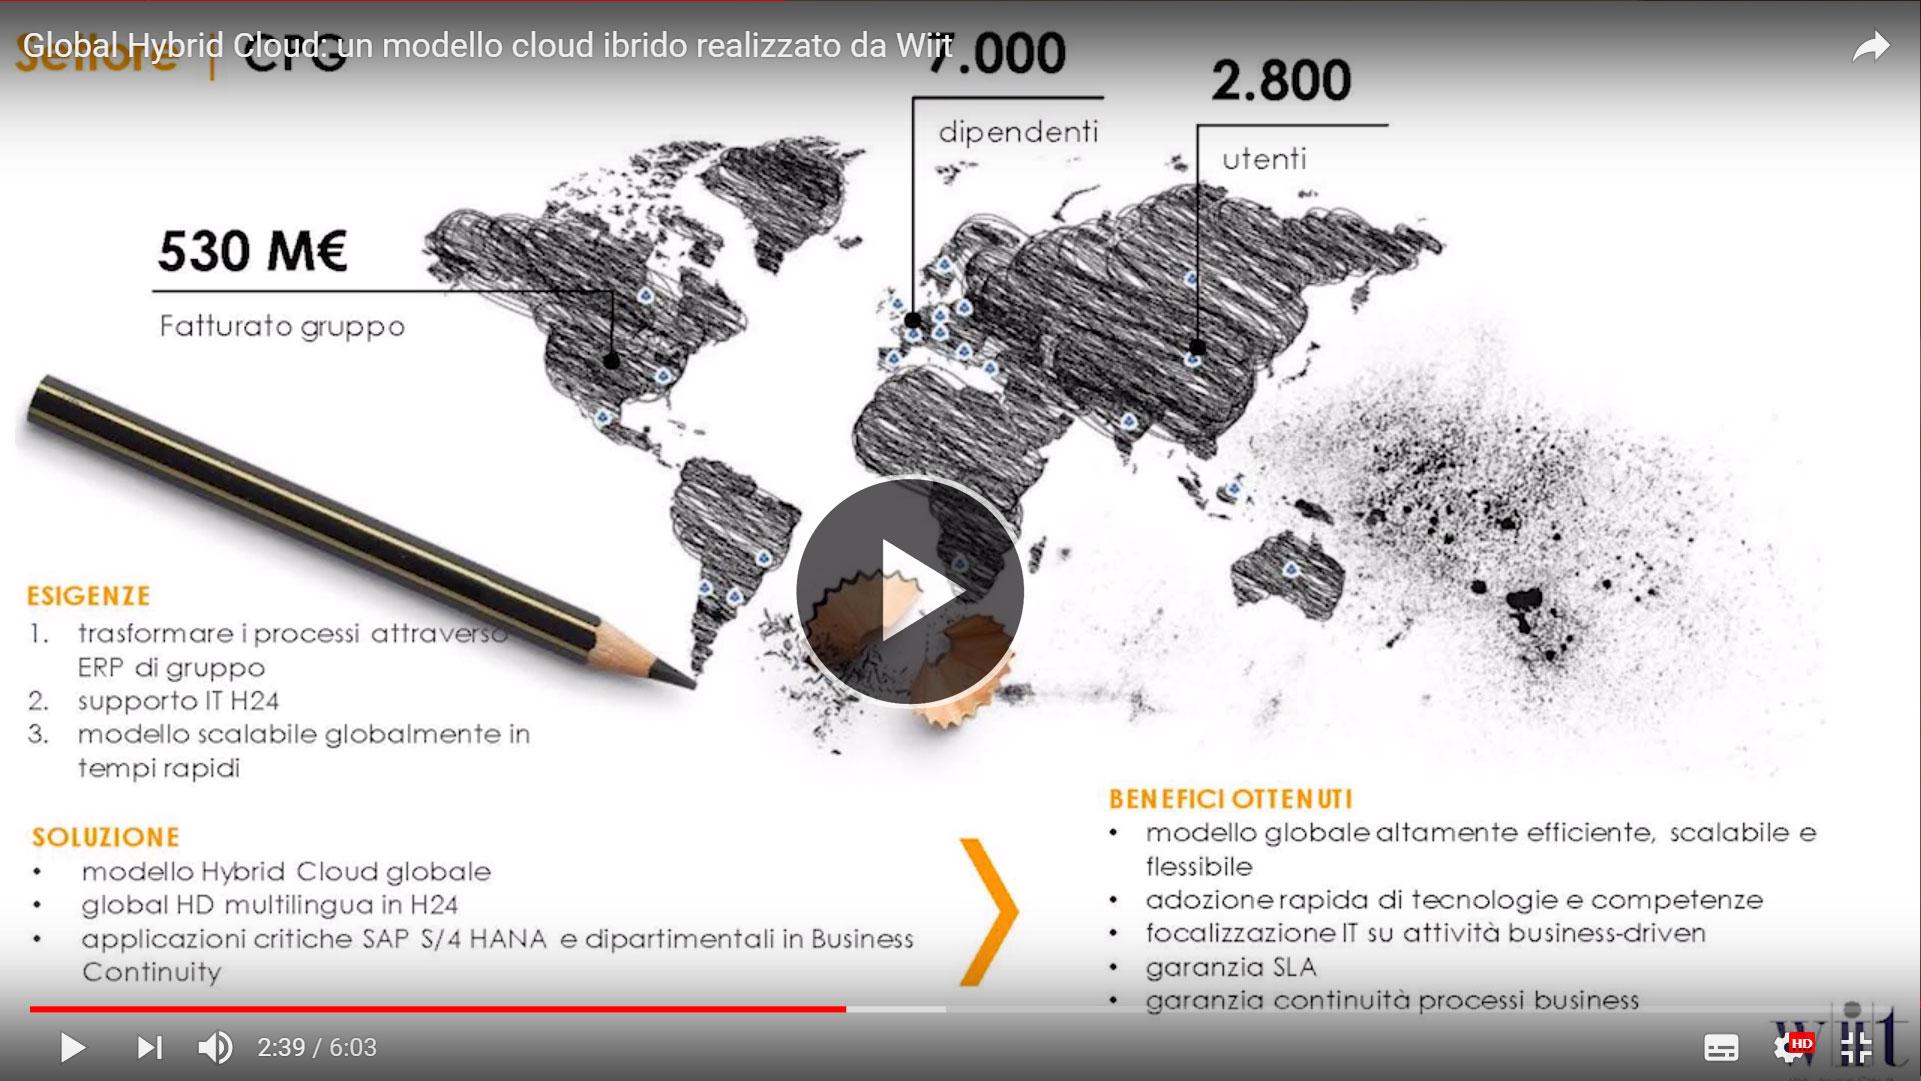 Global Hybrid Cloud: un modello cloud ibrido realizzato da Wiit | ZeroUno